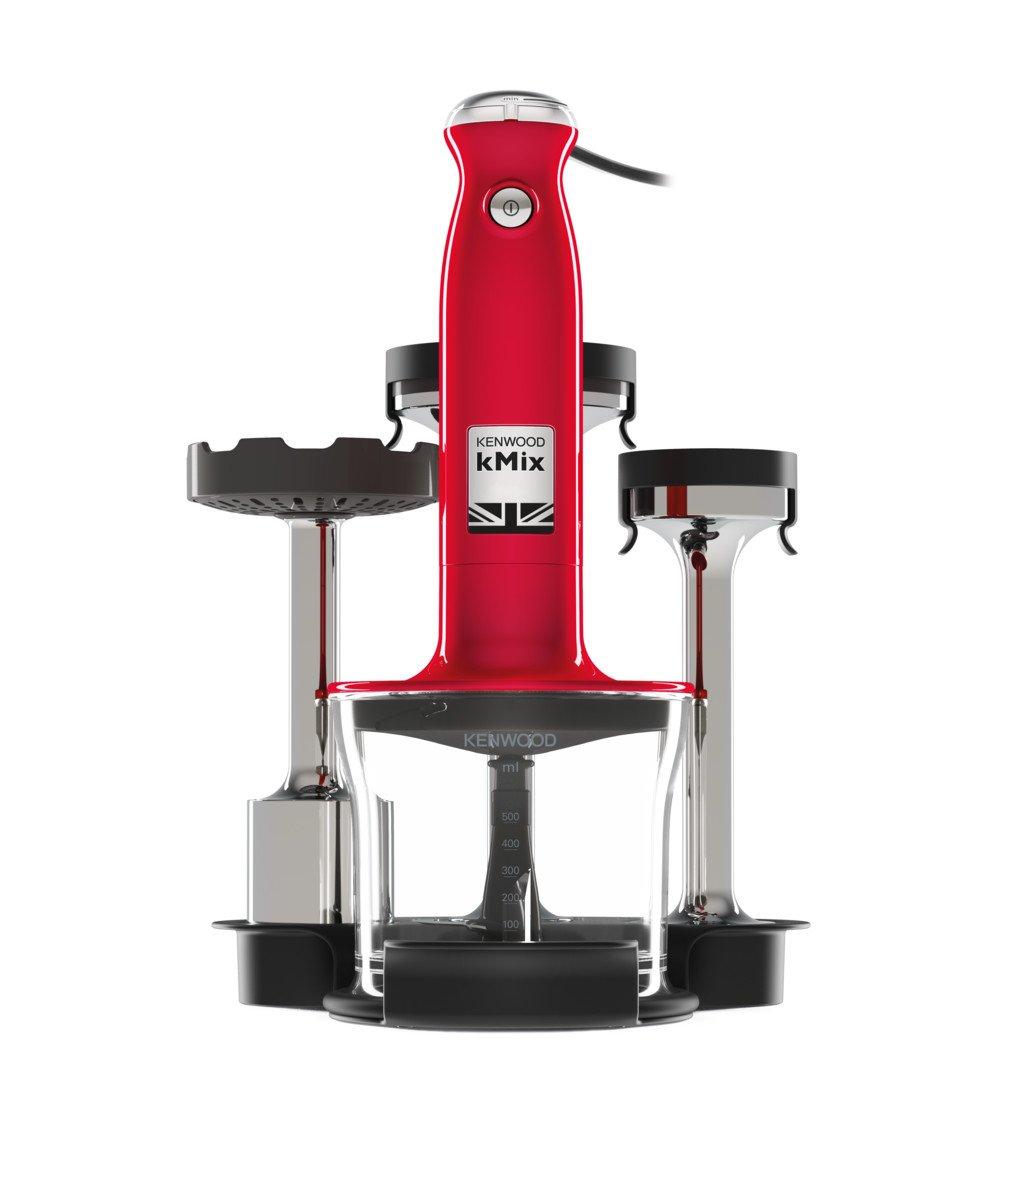 Batidora Kenwood Electronics HDX754RD Hand mixer Red 800 W Batidora de mano, Rojo, Mezcla, Pur/é, Y, 0,5 L, Botones